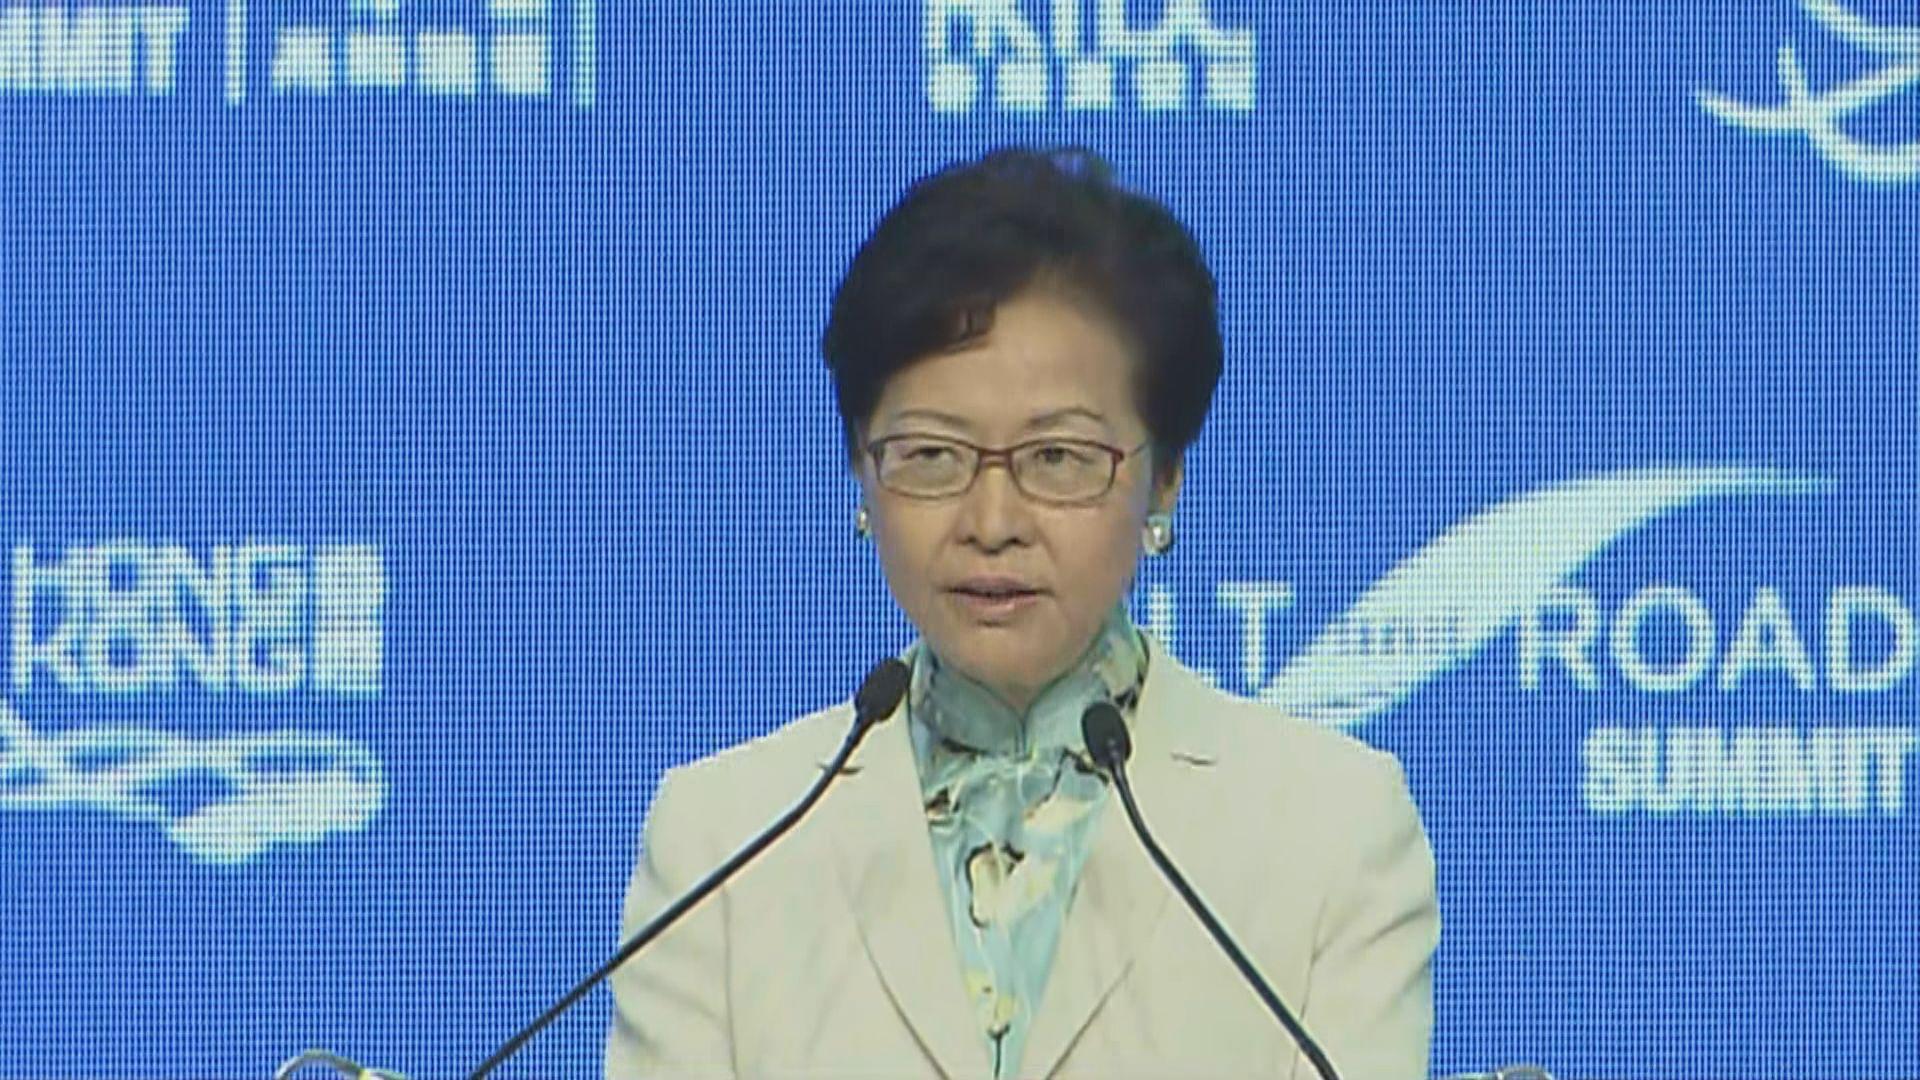 林鄭:有信心透過政府及港人努力重展對話修補分歧